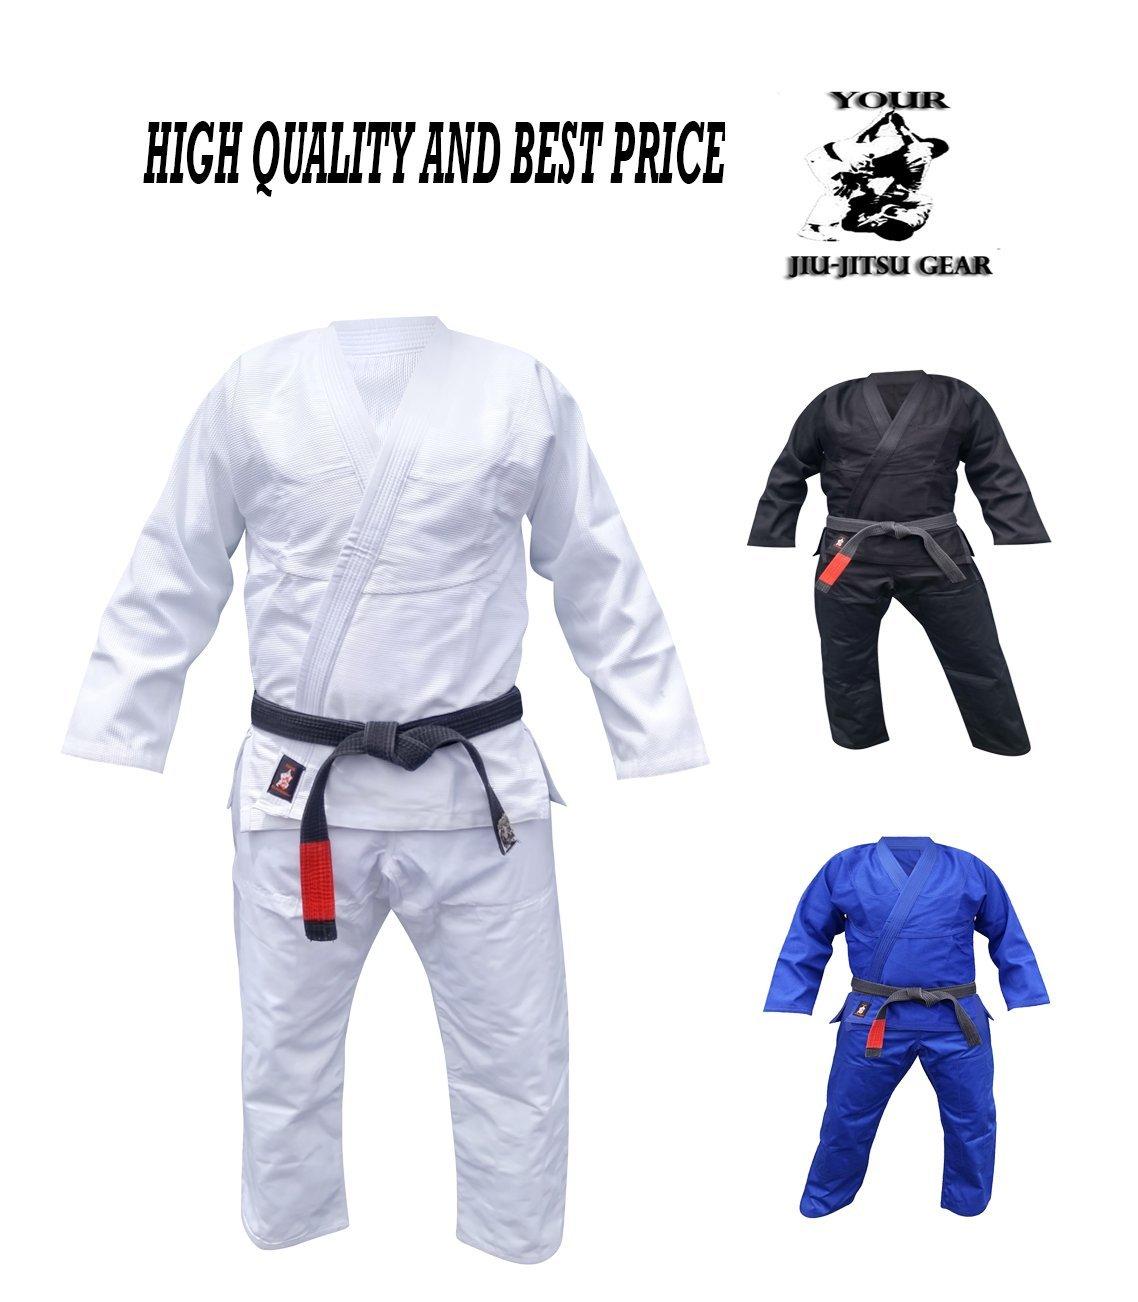 Your Jiu Jitsu Gear Brazilian Jiu Jitsu Uniform Light Weight White A5 Free Belt by Your Jiu Jitsu Gear